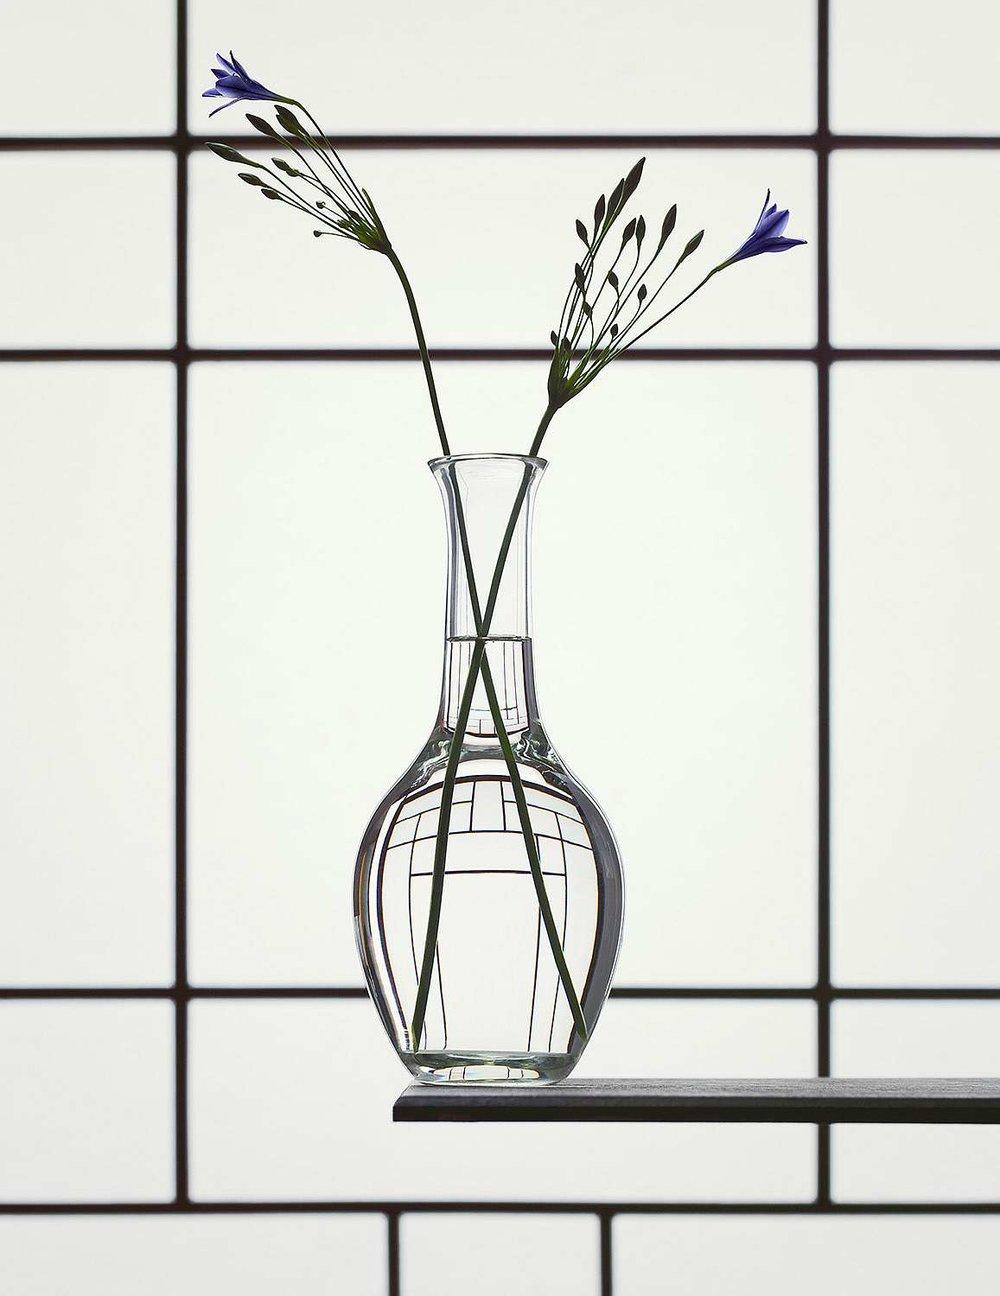 Still Life with Tritaleia - Erwin Olaf